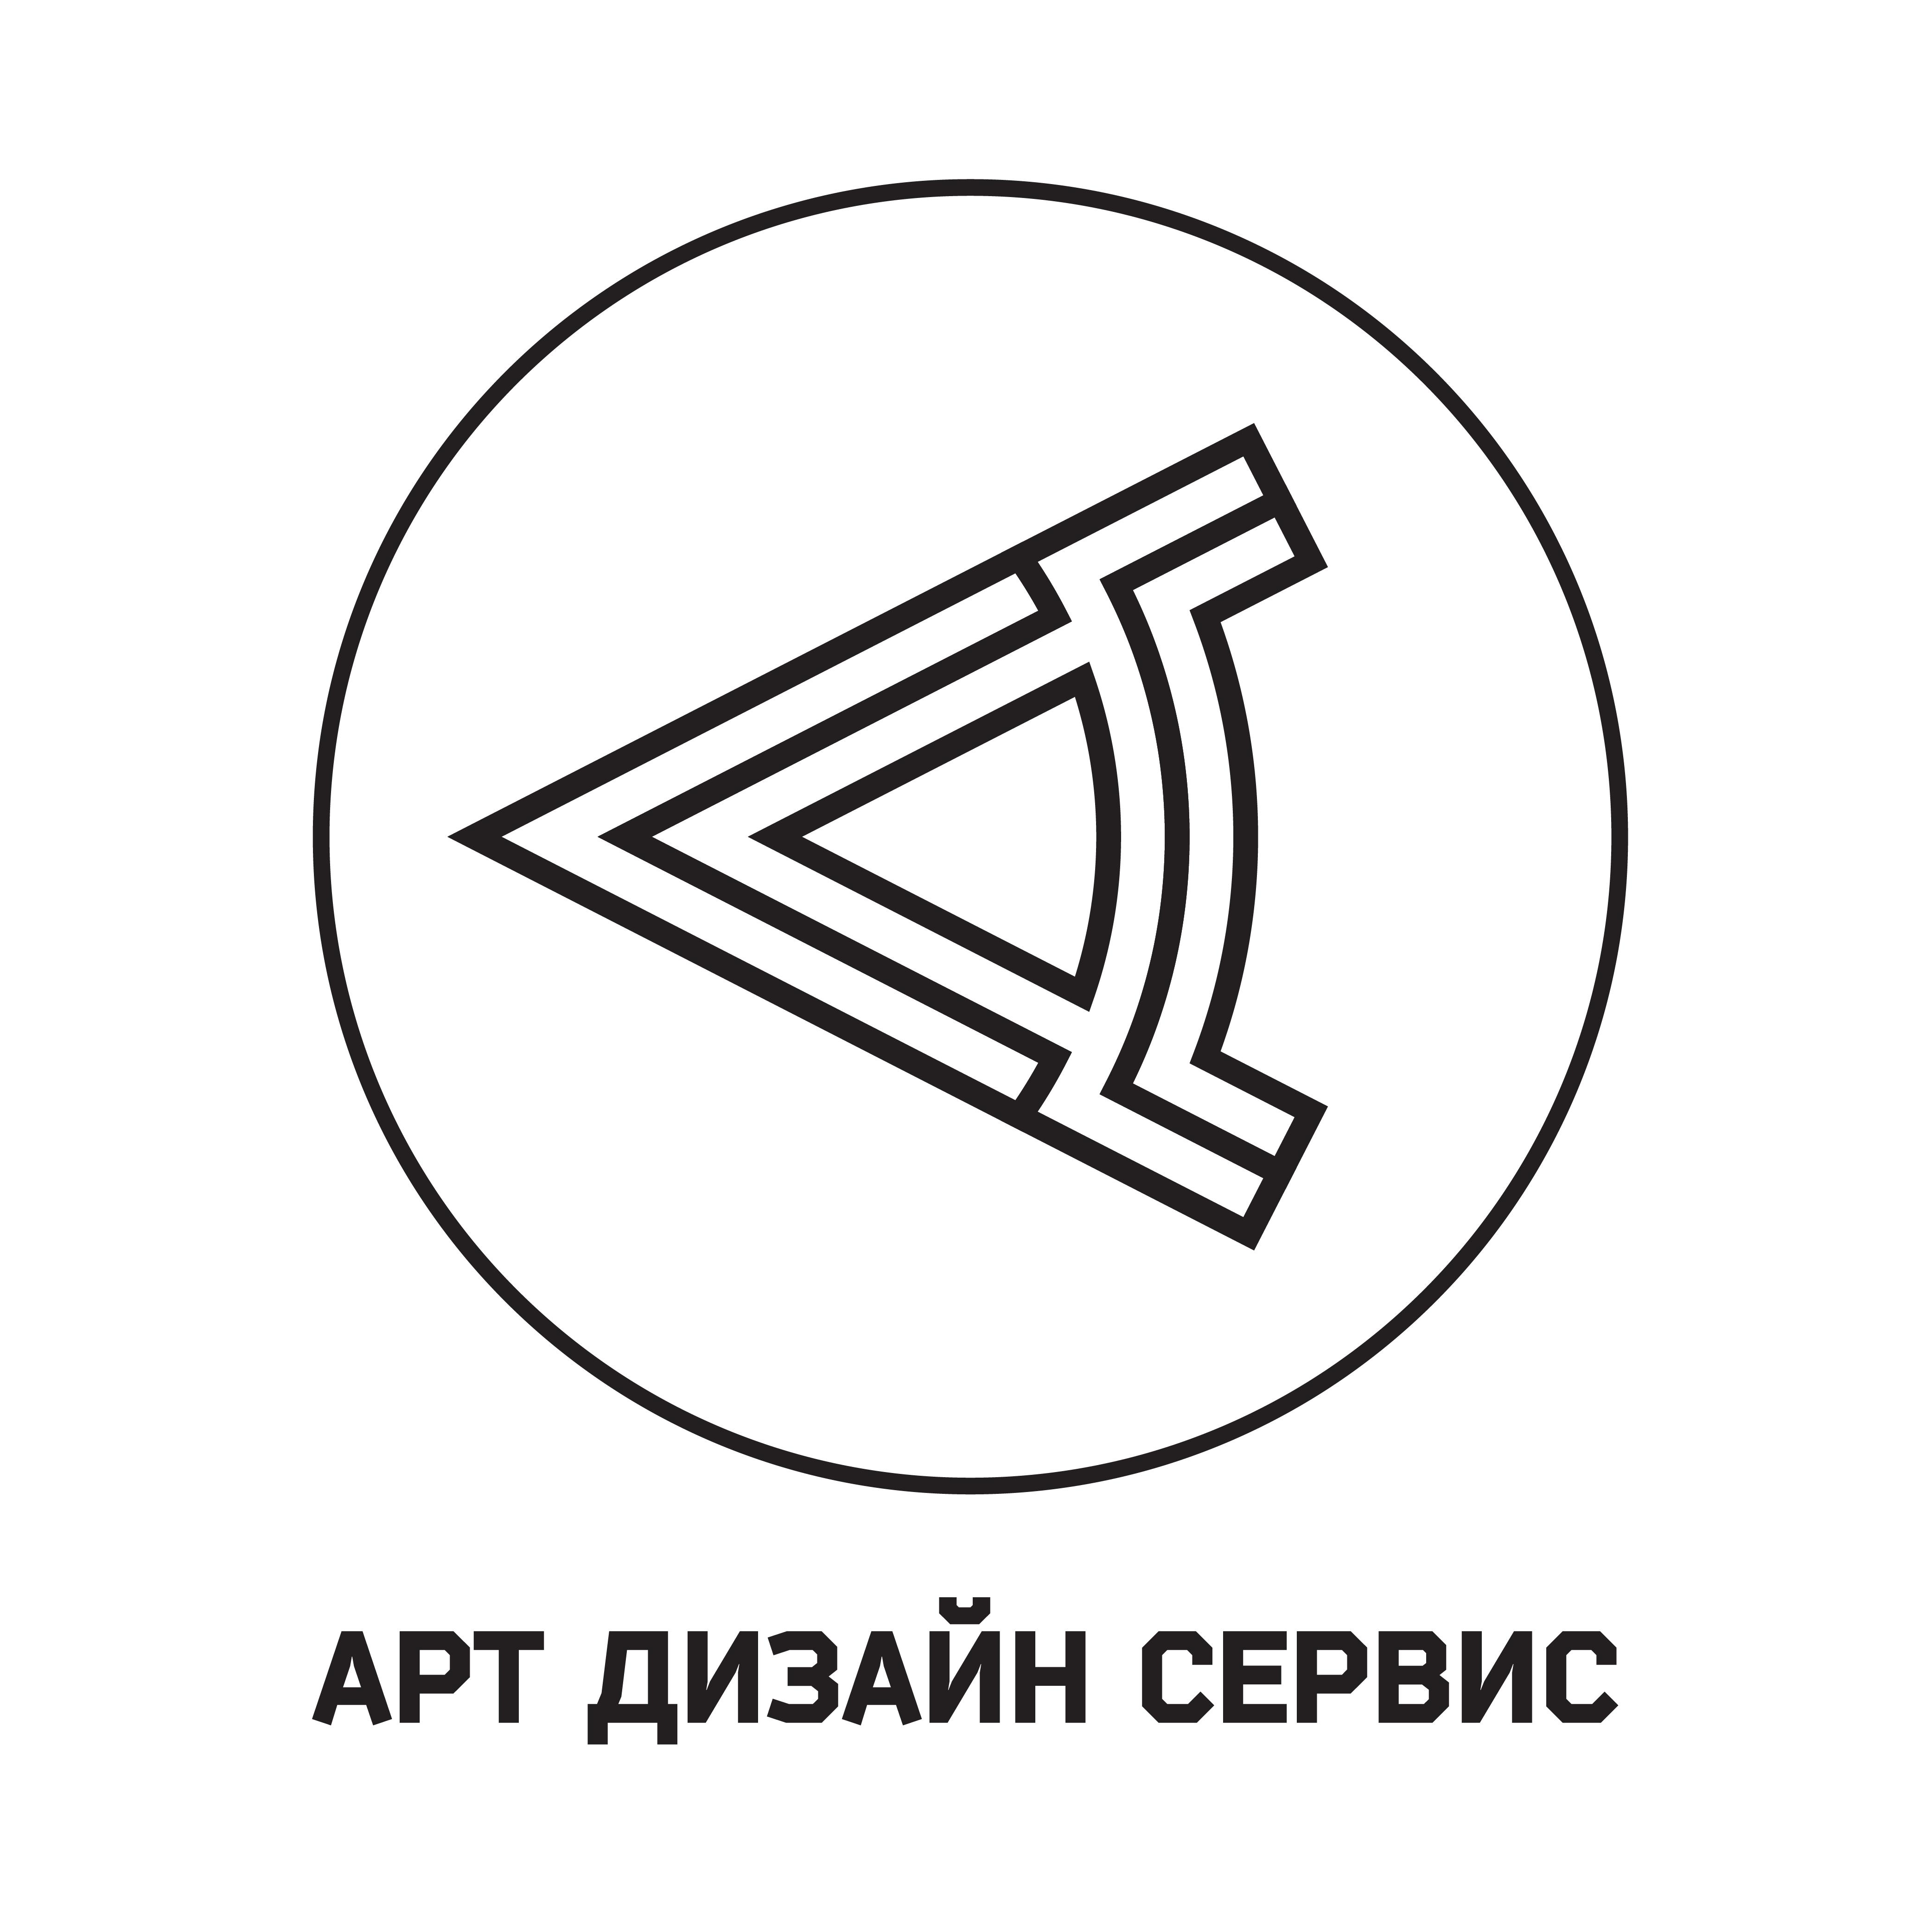 (c) Artds.ru